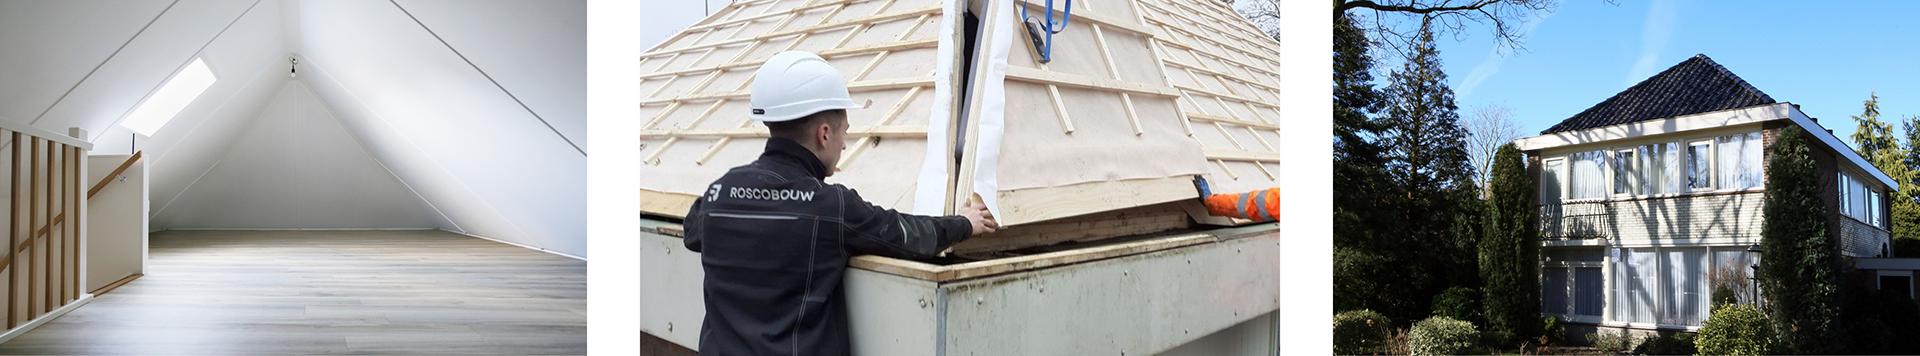 Header Roscobouw Heesch vacature Calculator Werkvoorbereider Verbouw Woningbouw Bouw via XLIX Recruitment werving en selectie Oss Uden Veghel Den Bosch Bernheze Meierijstad